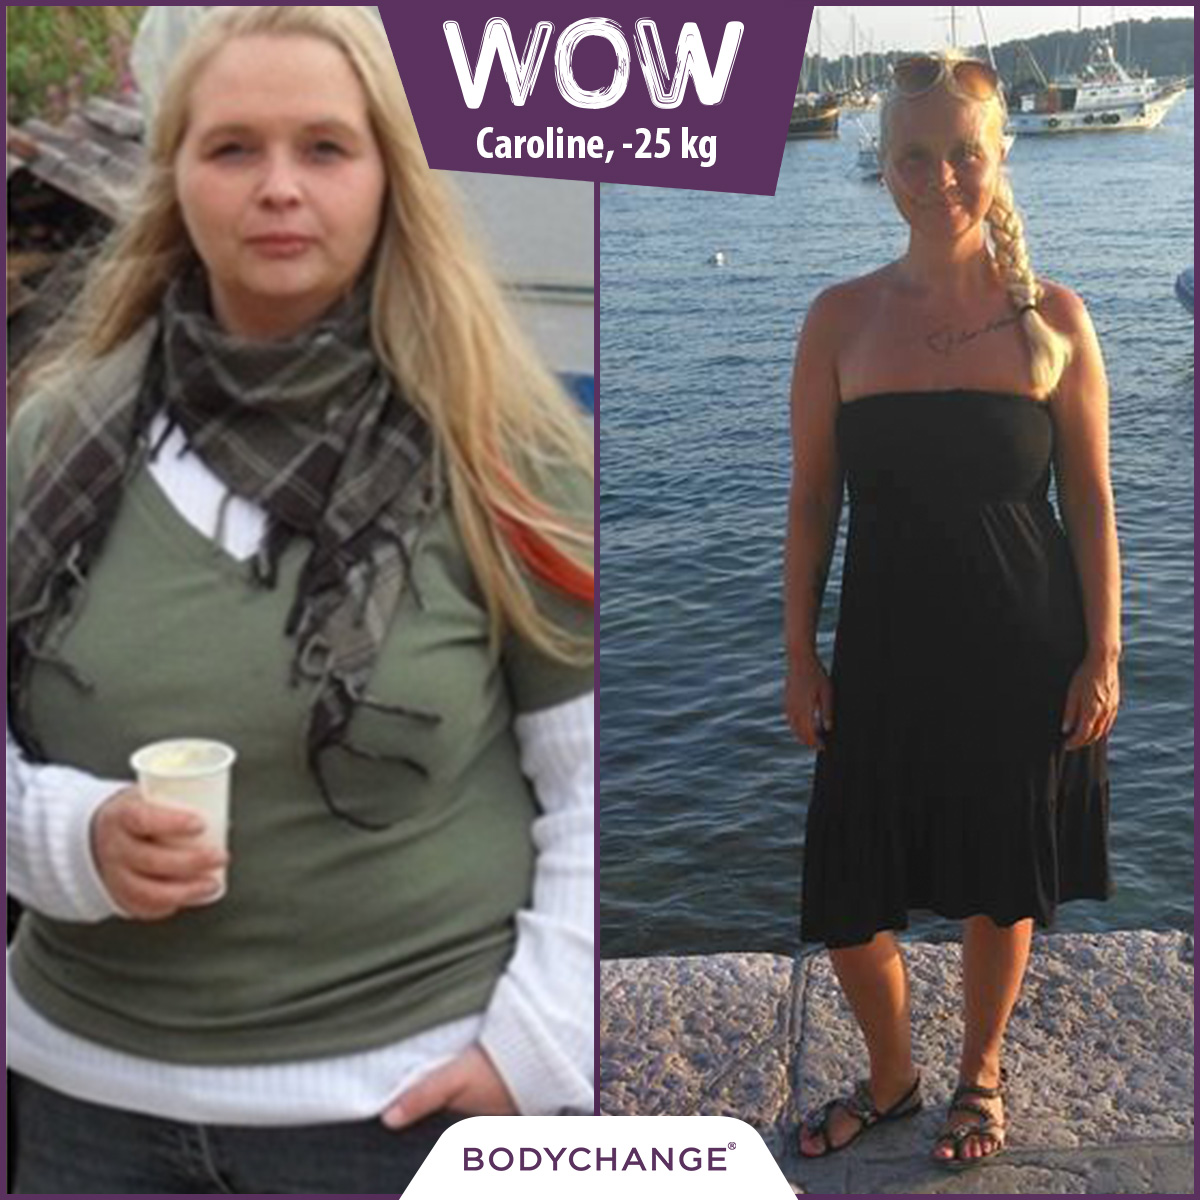 Caroline 25 Kg Abnehmen Und Gesundheit Starken Bodychange